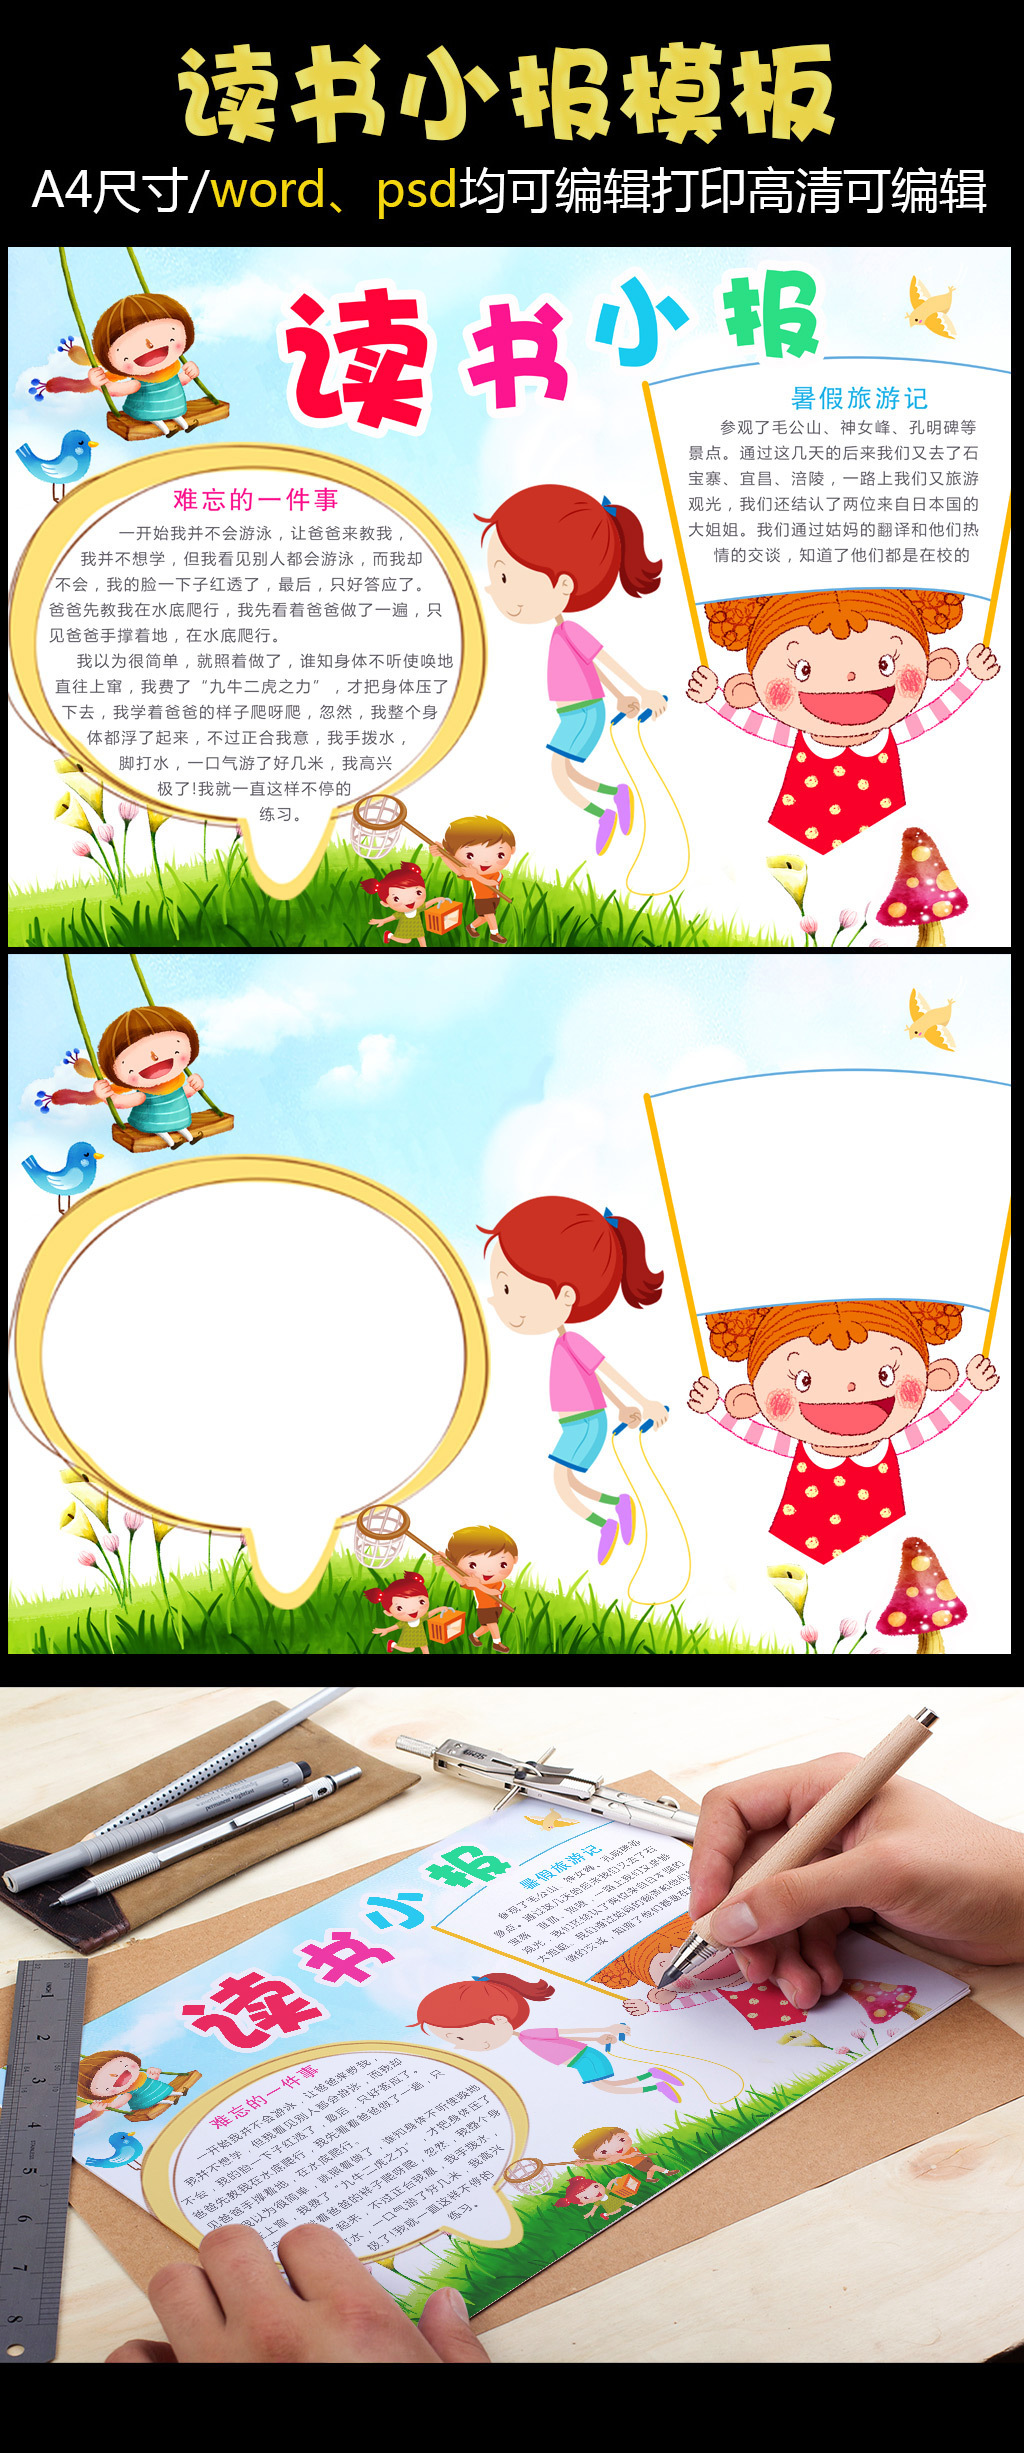 卡通可爱读书小报模版设计